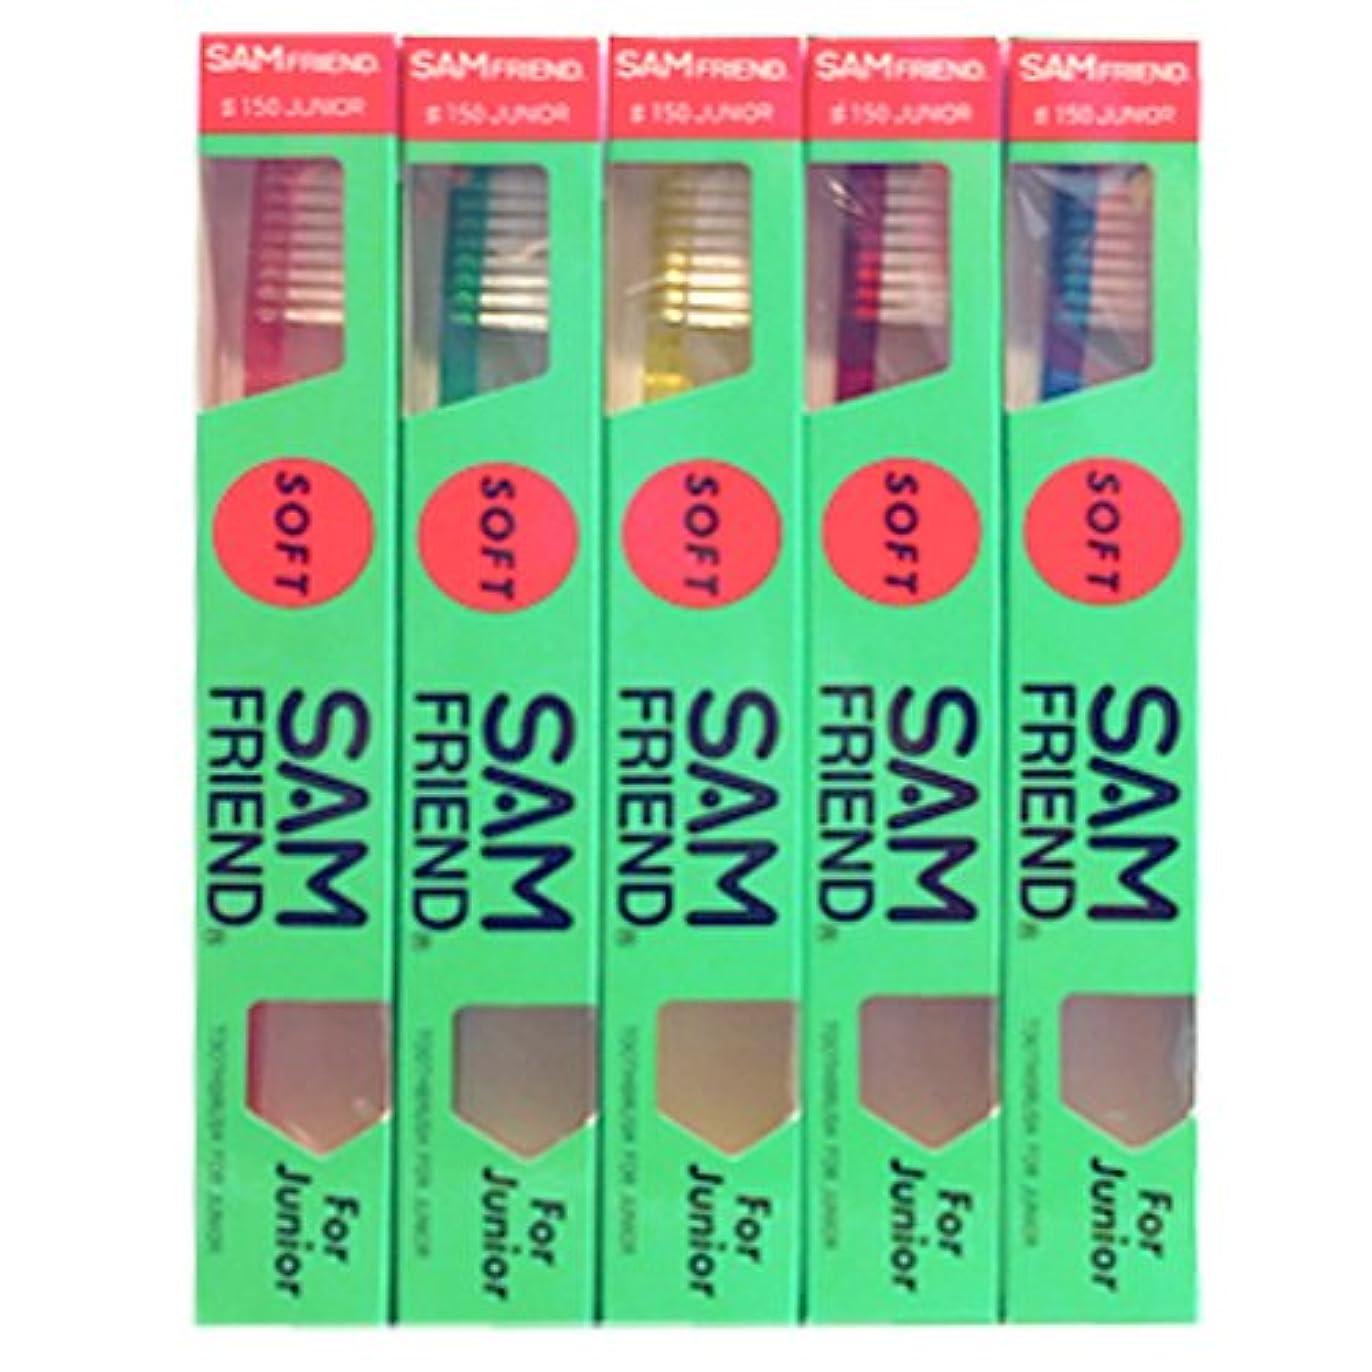 北へ公使館声を出してサムフレンド サムフレンド 歯ブラシ #150ジュニア 5色セット 6~12才用 歯並びが複雑で汚れやすい小さな口 ソフト